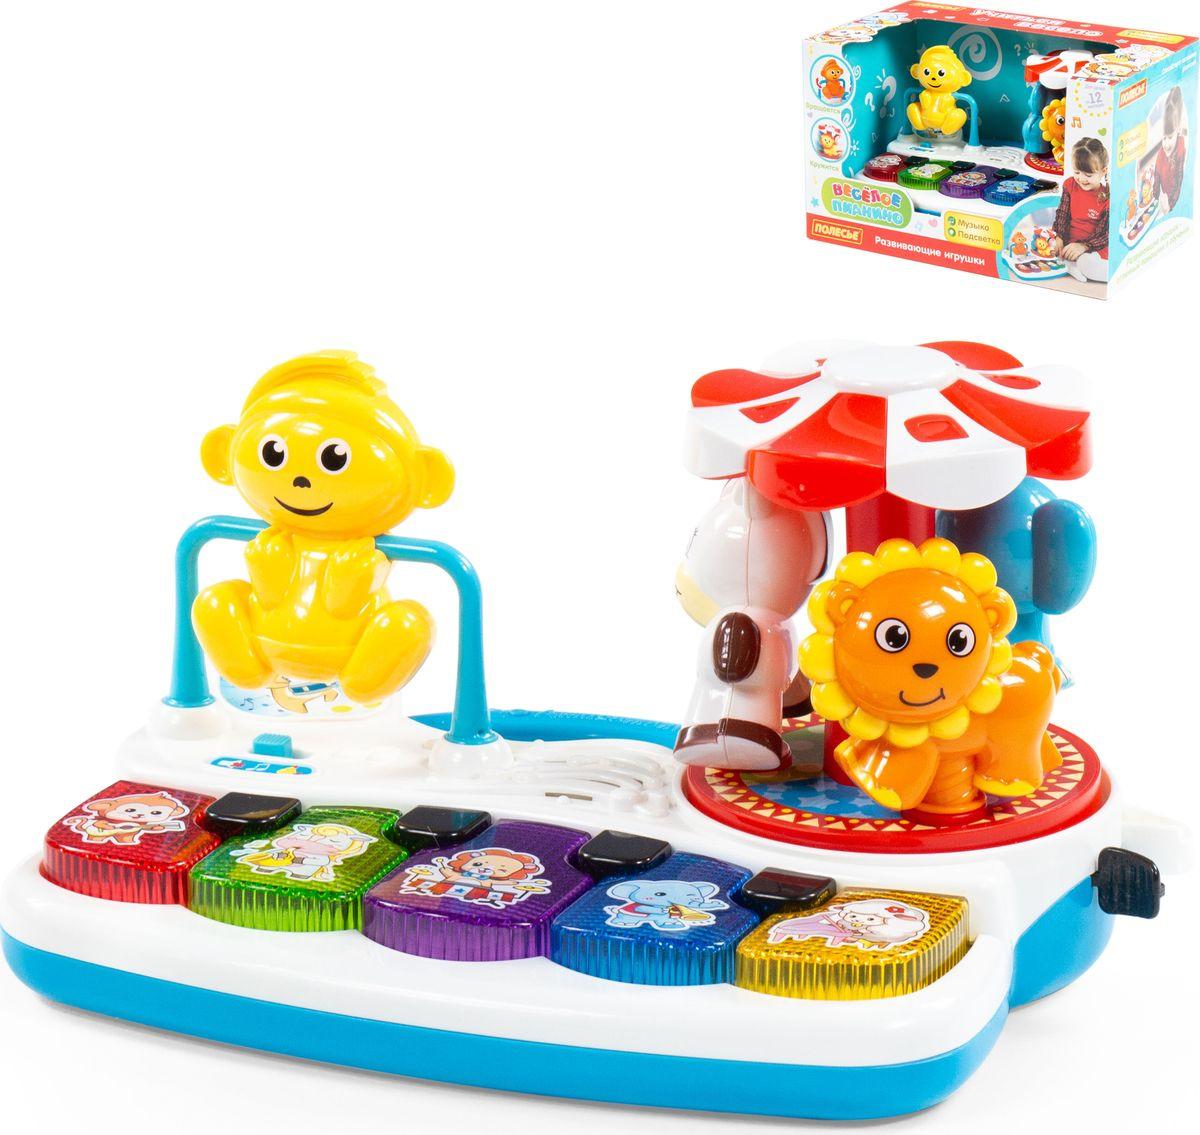 Развивающая игрушка Полесье Веселое пианино, 77097 игрушка полесье корабль чайка 36964